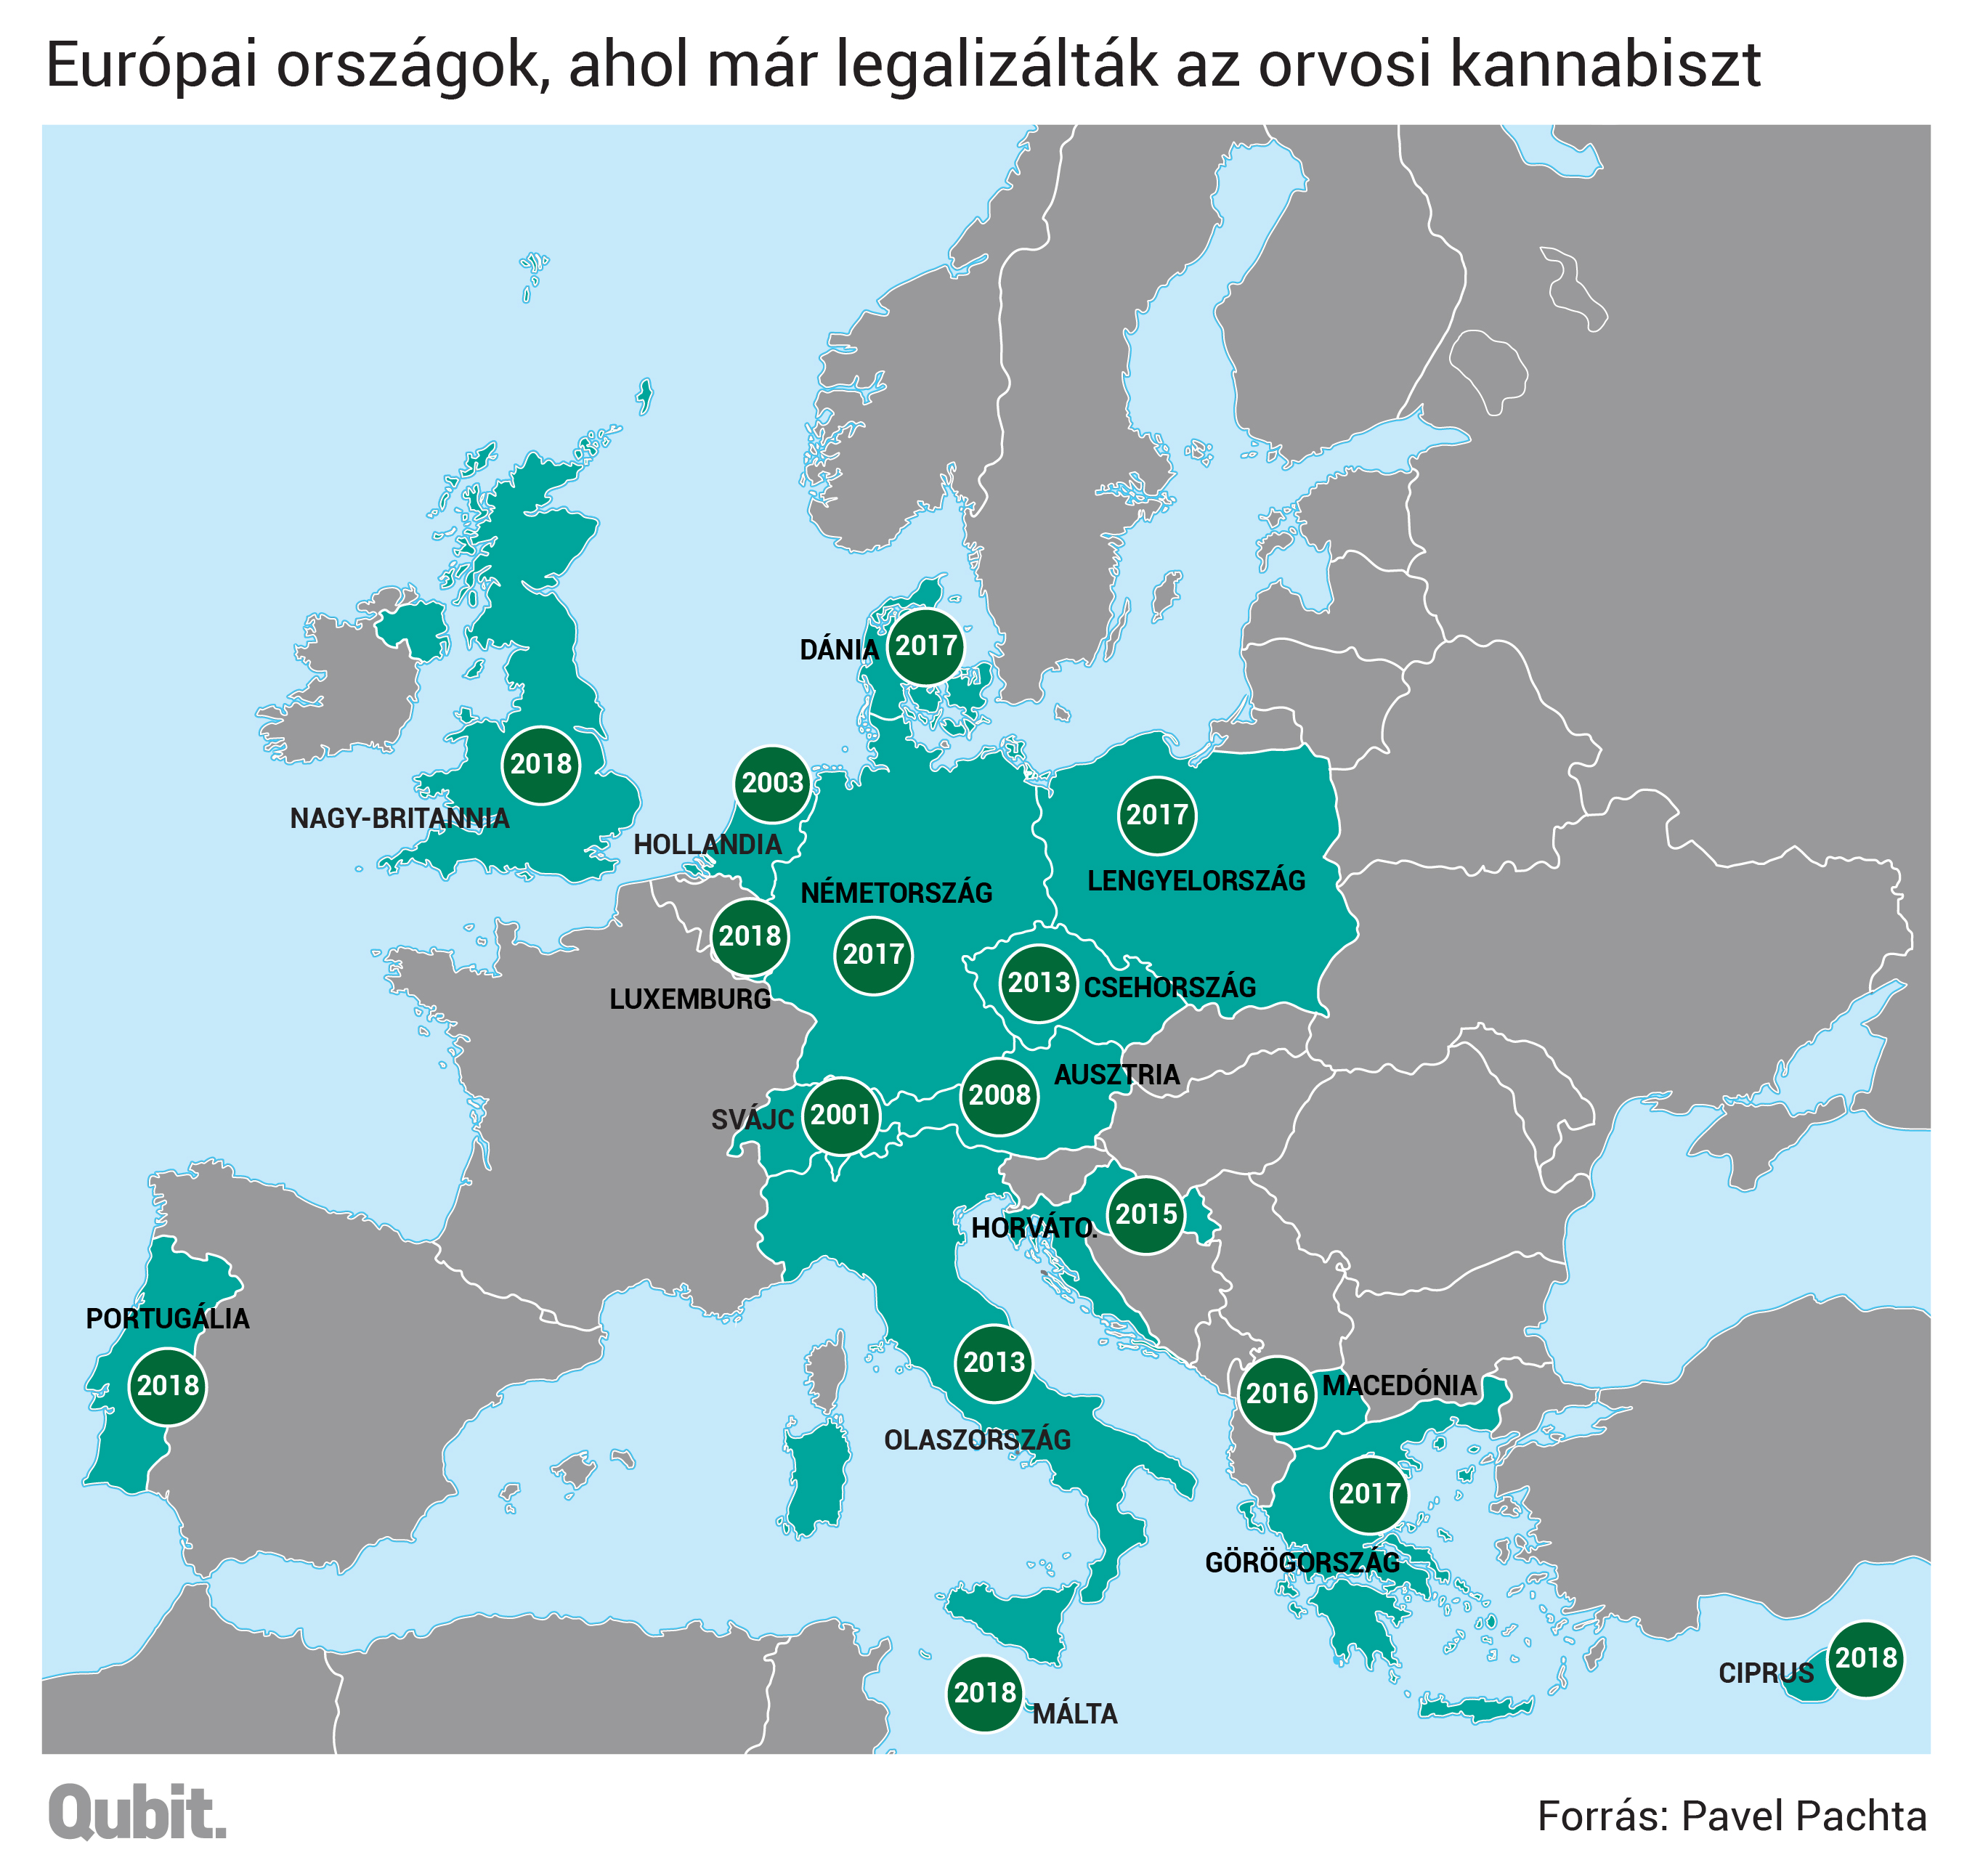 Ausztriában és Csehországban rég legális, a magyar doktorok viszont fel sem merik írni az orvosi marihuánát